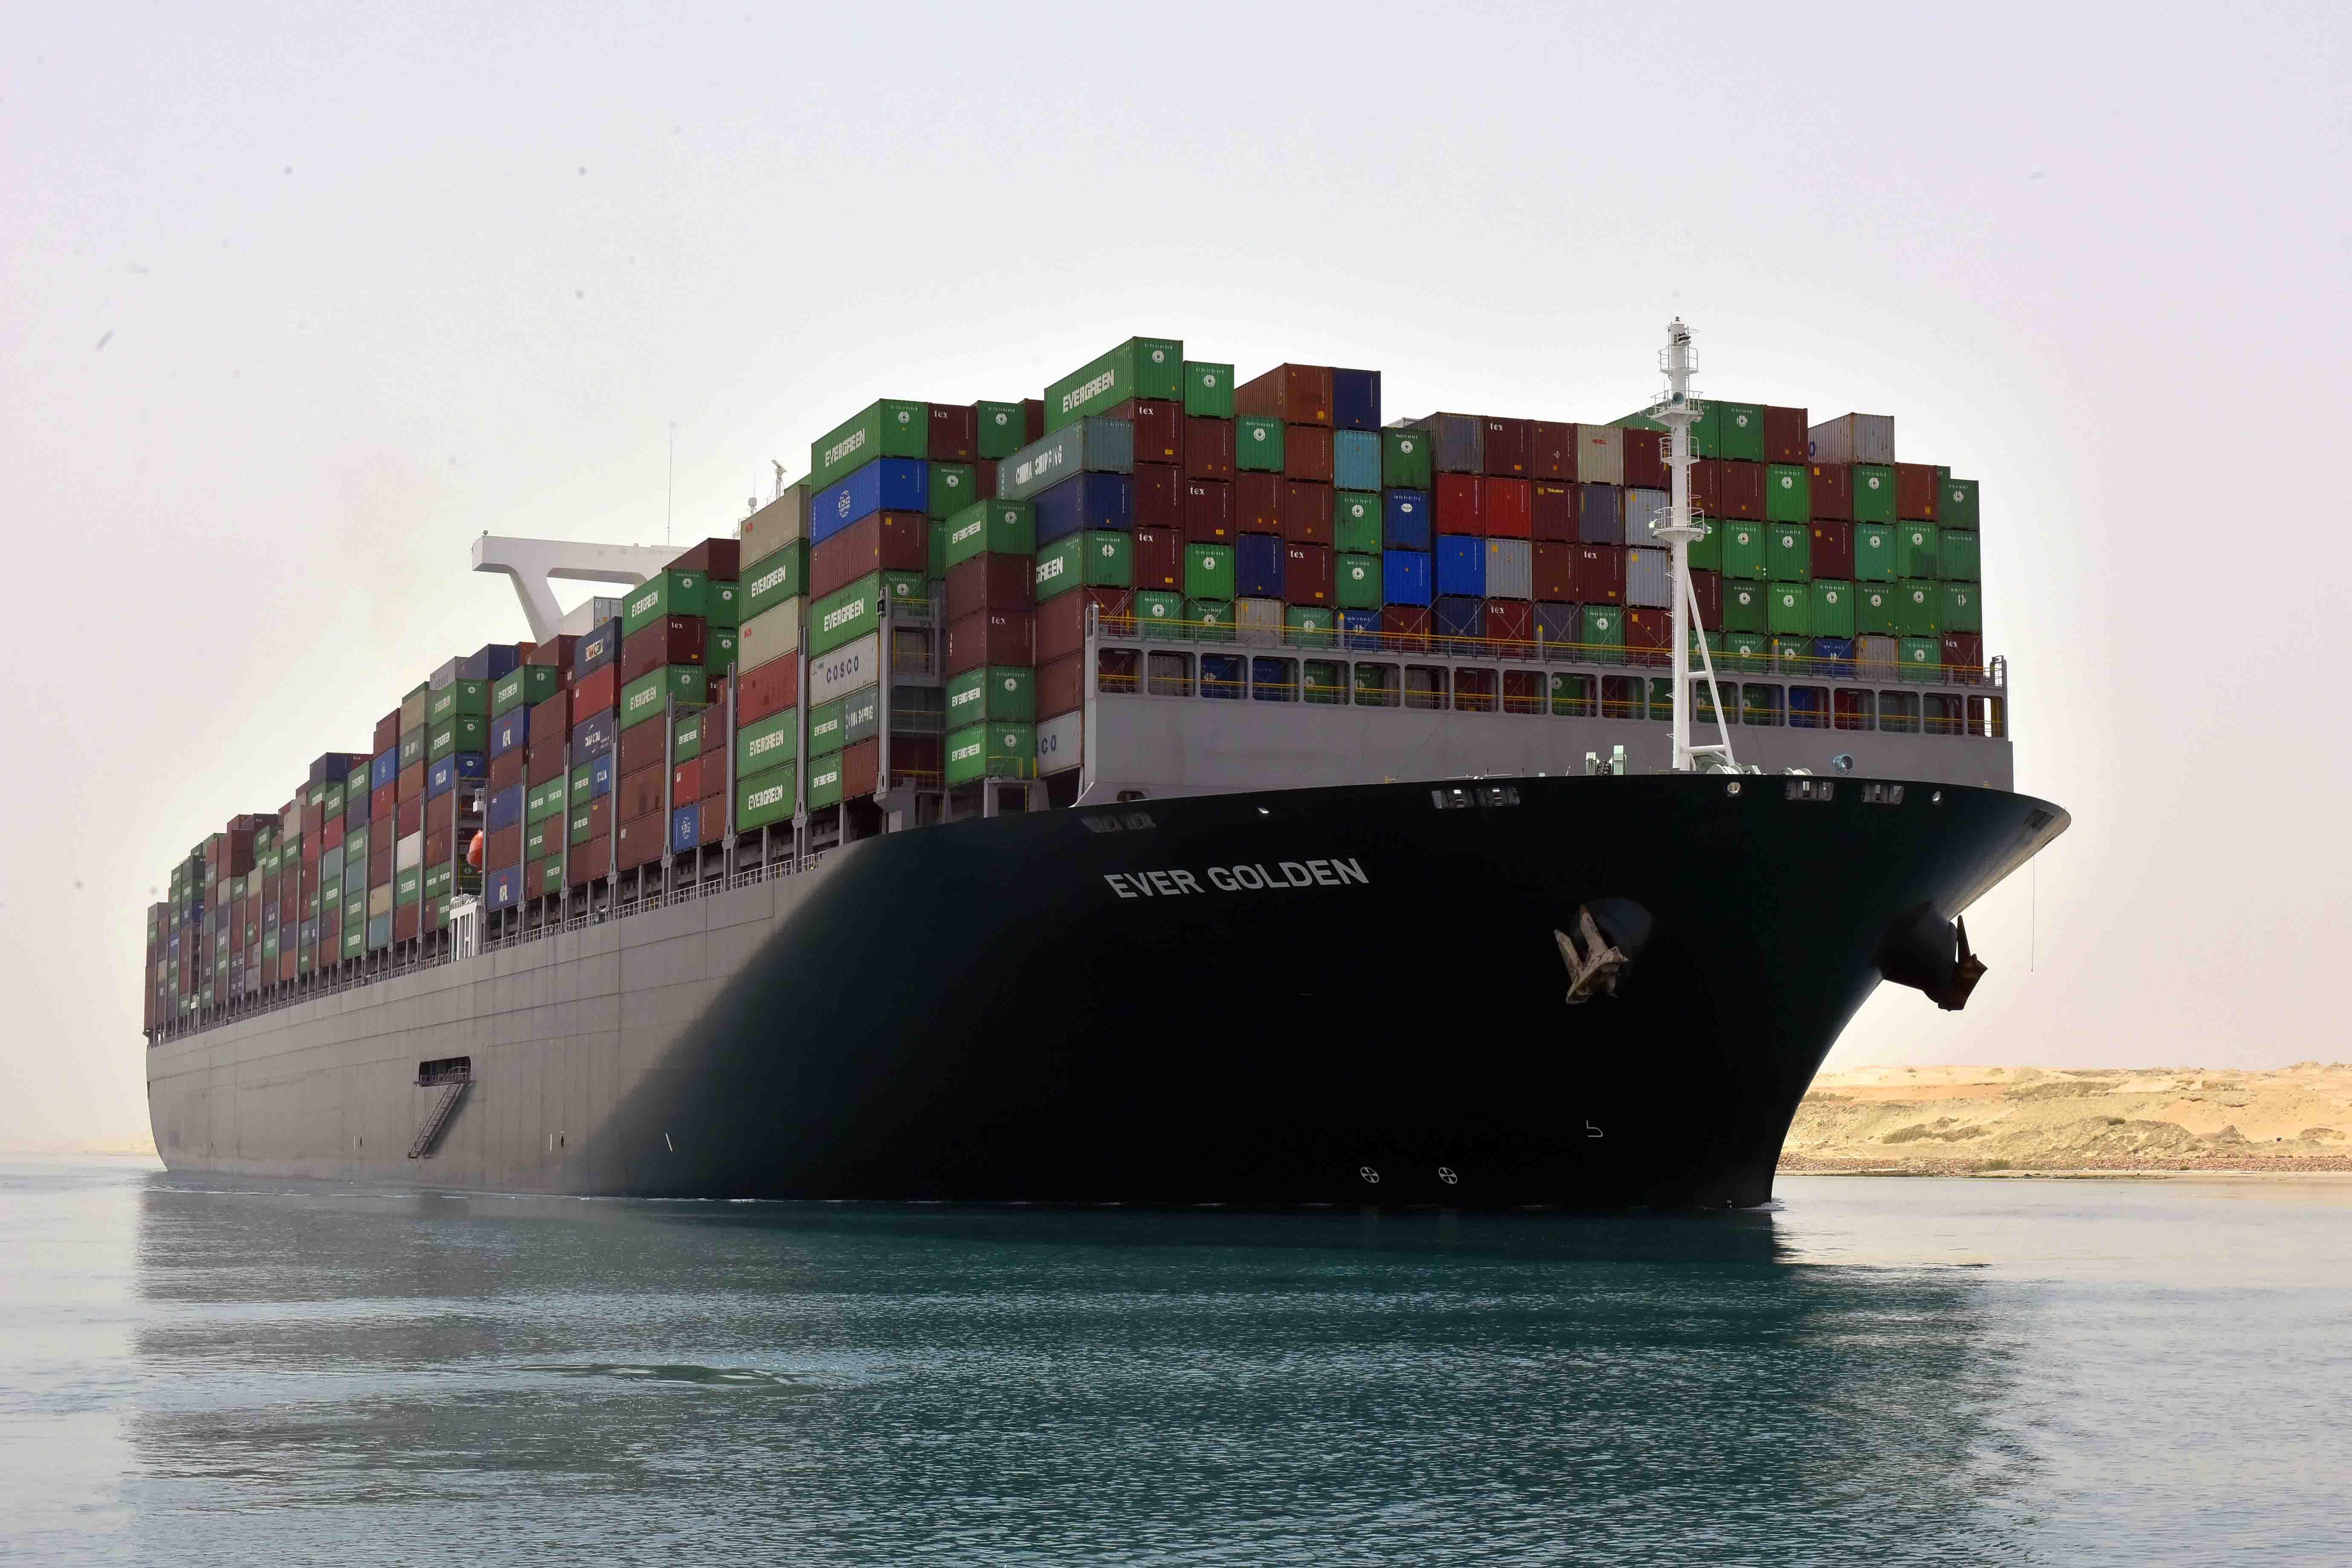 52 سفينة تعبر المجرى الملاحي لقناة السويس بحمولات بلغت  3 ملايين و700 ألف طن